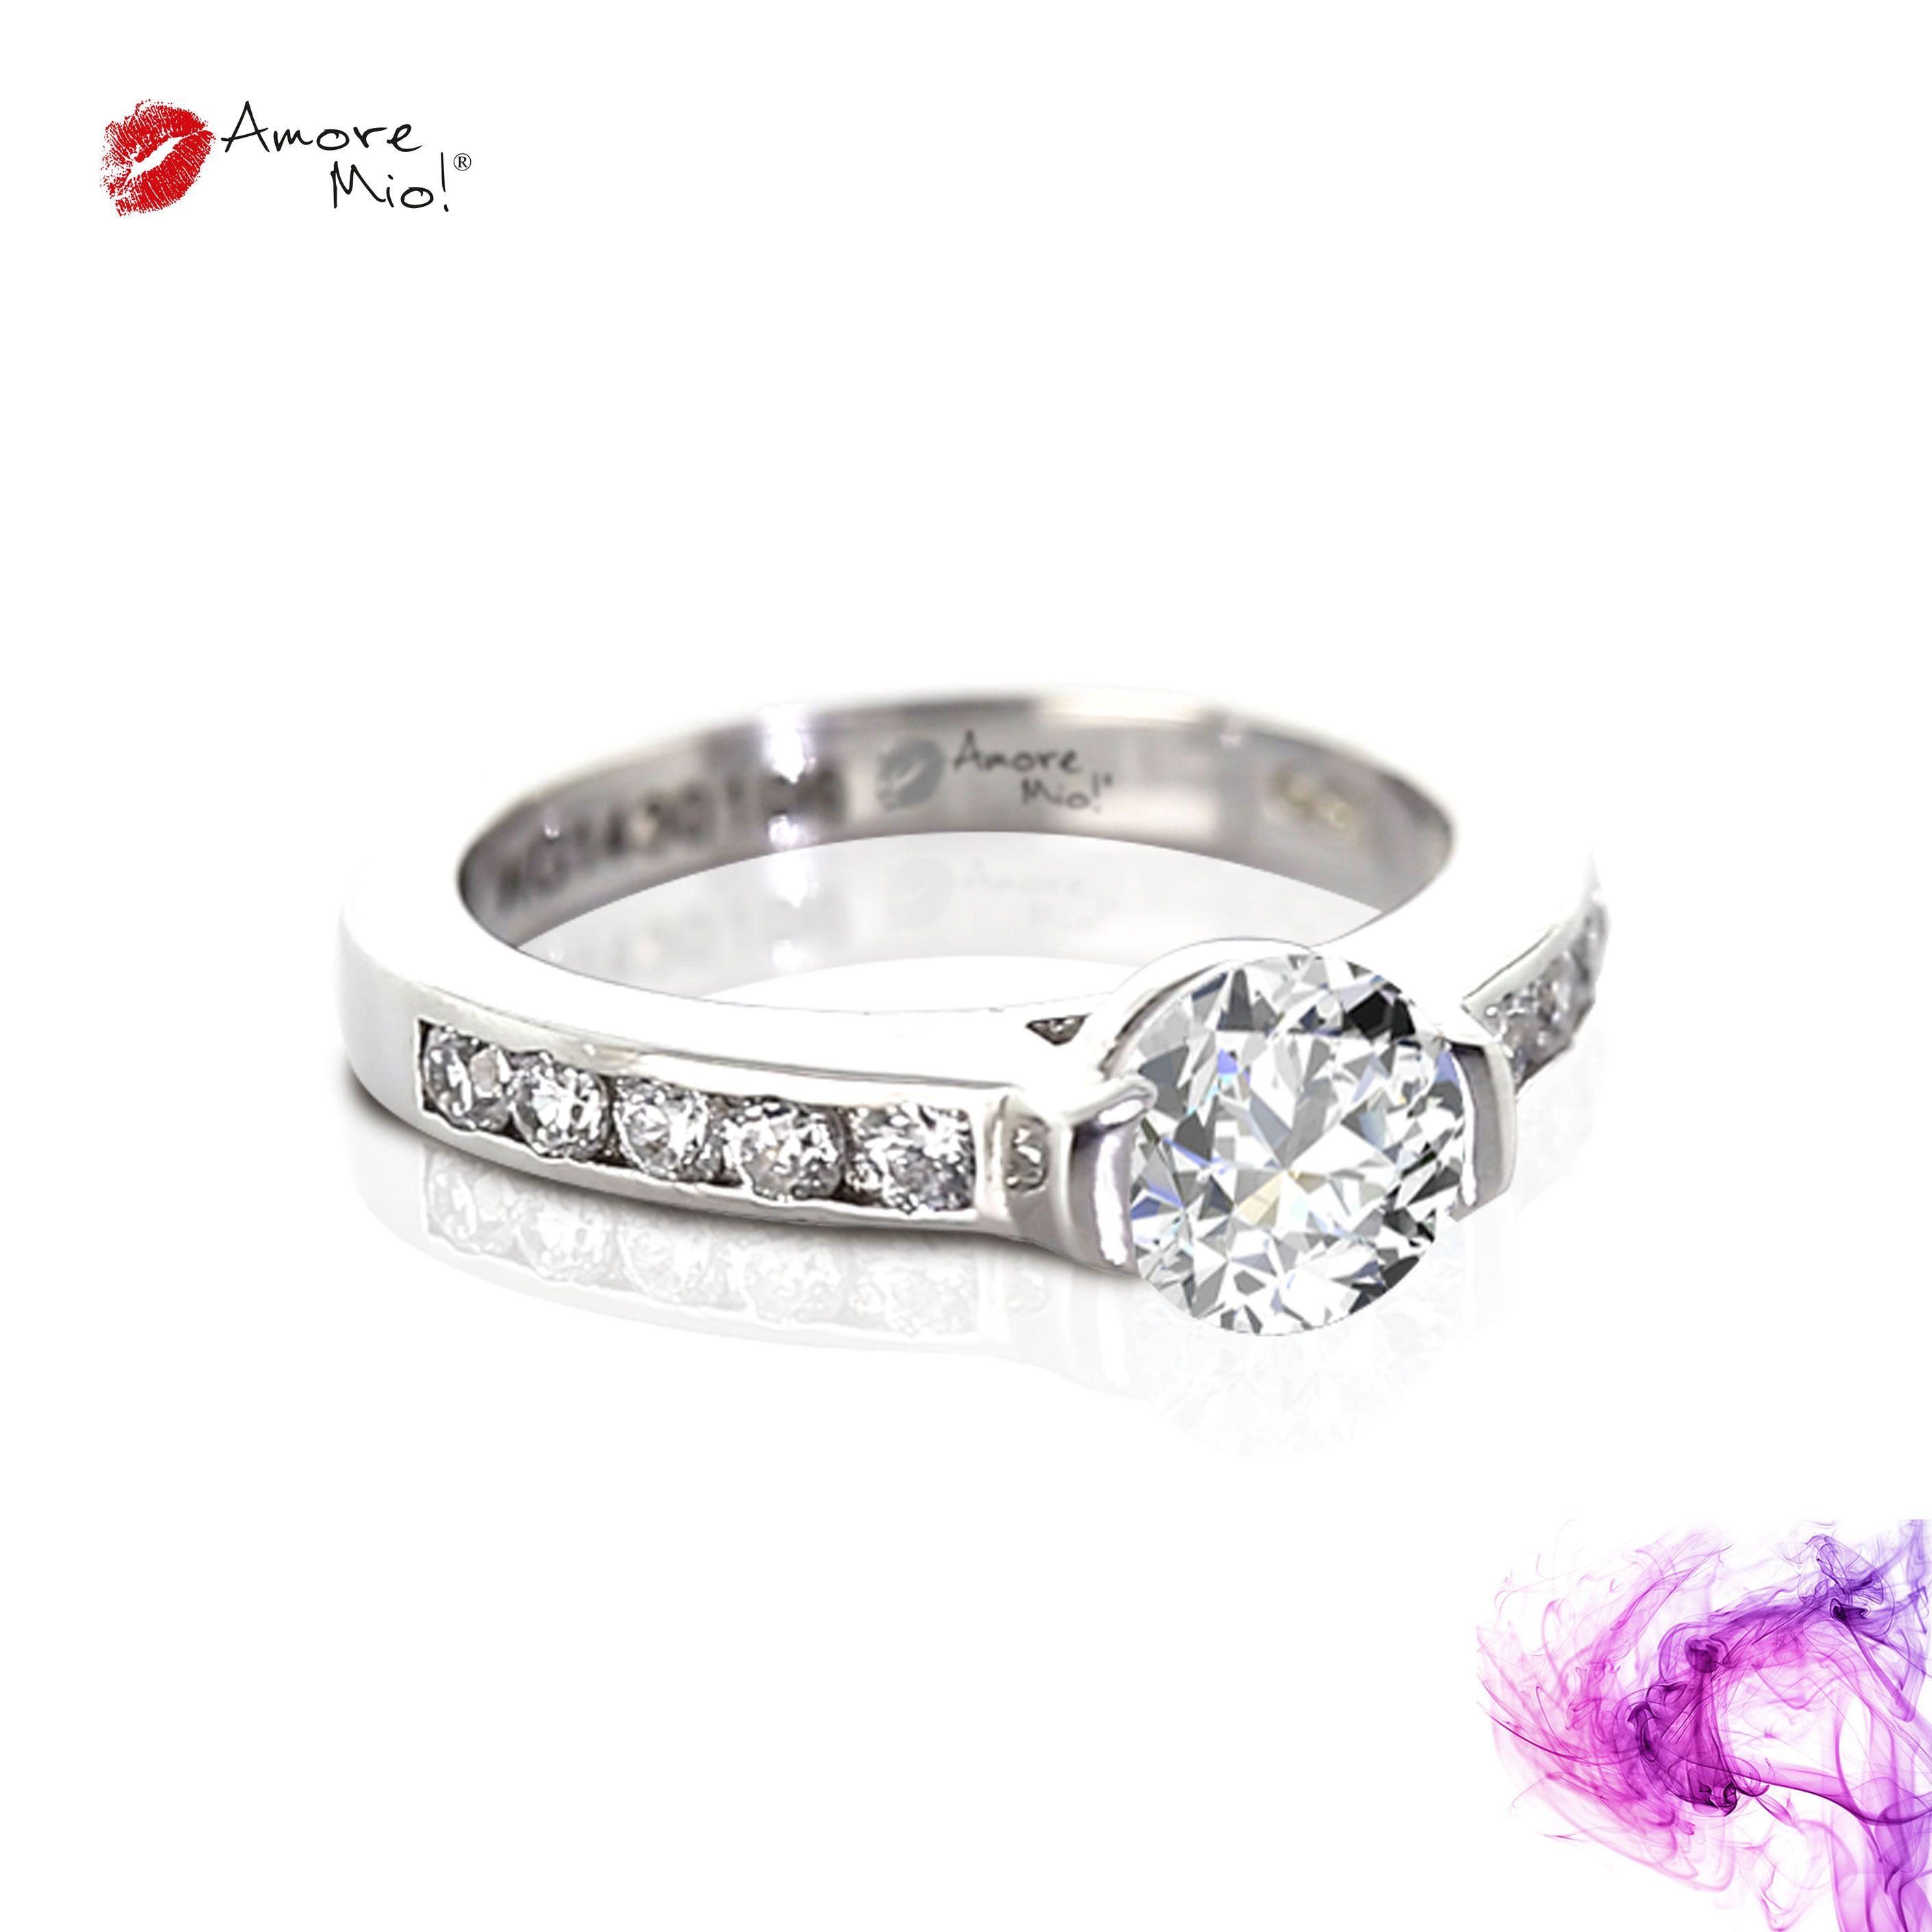 Anillo de oro Blanco 14Kt Modelo: WG1430106 Diamante Redondo 1.02 quilates. Color-F Claridad SI2 Laboratorio- EGL, SKU Diamante: 1136201655 Precio: $88,169.35 pesos M.N *Consulte términos y condiciones